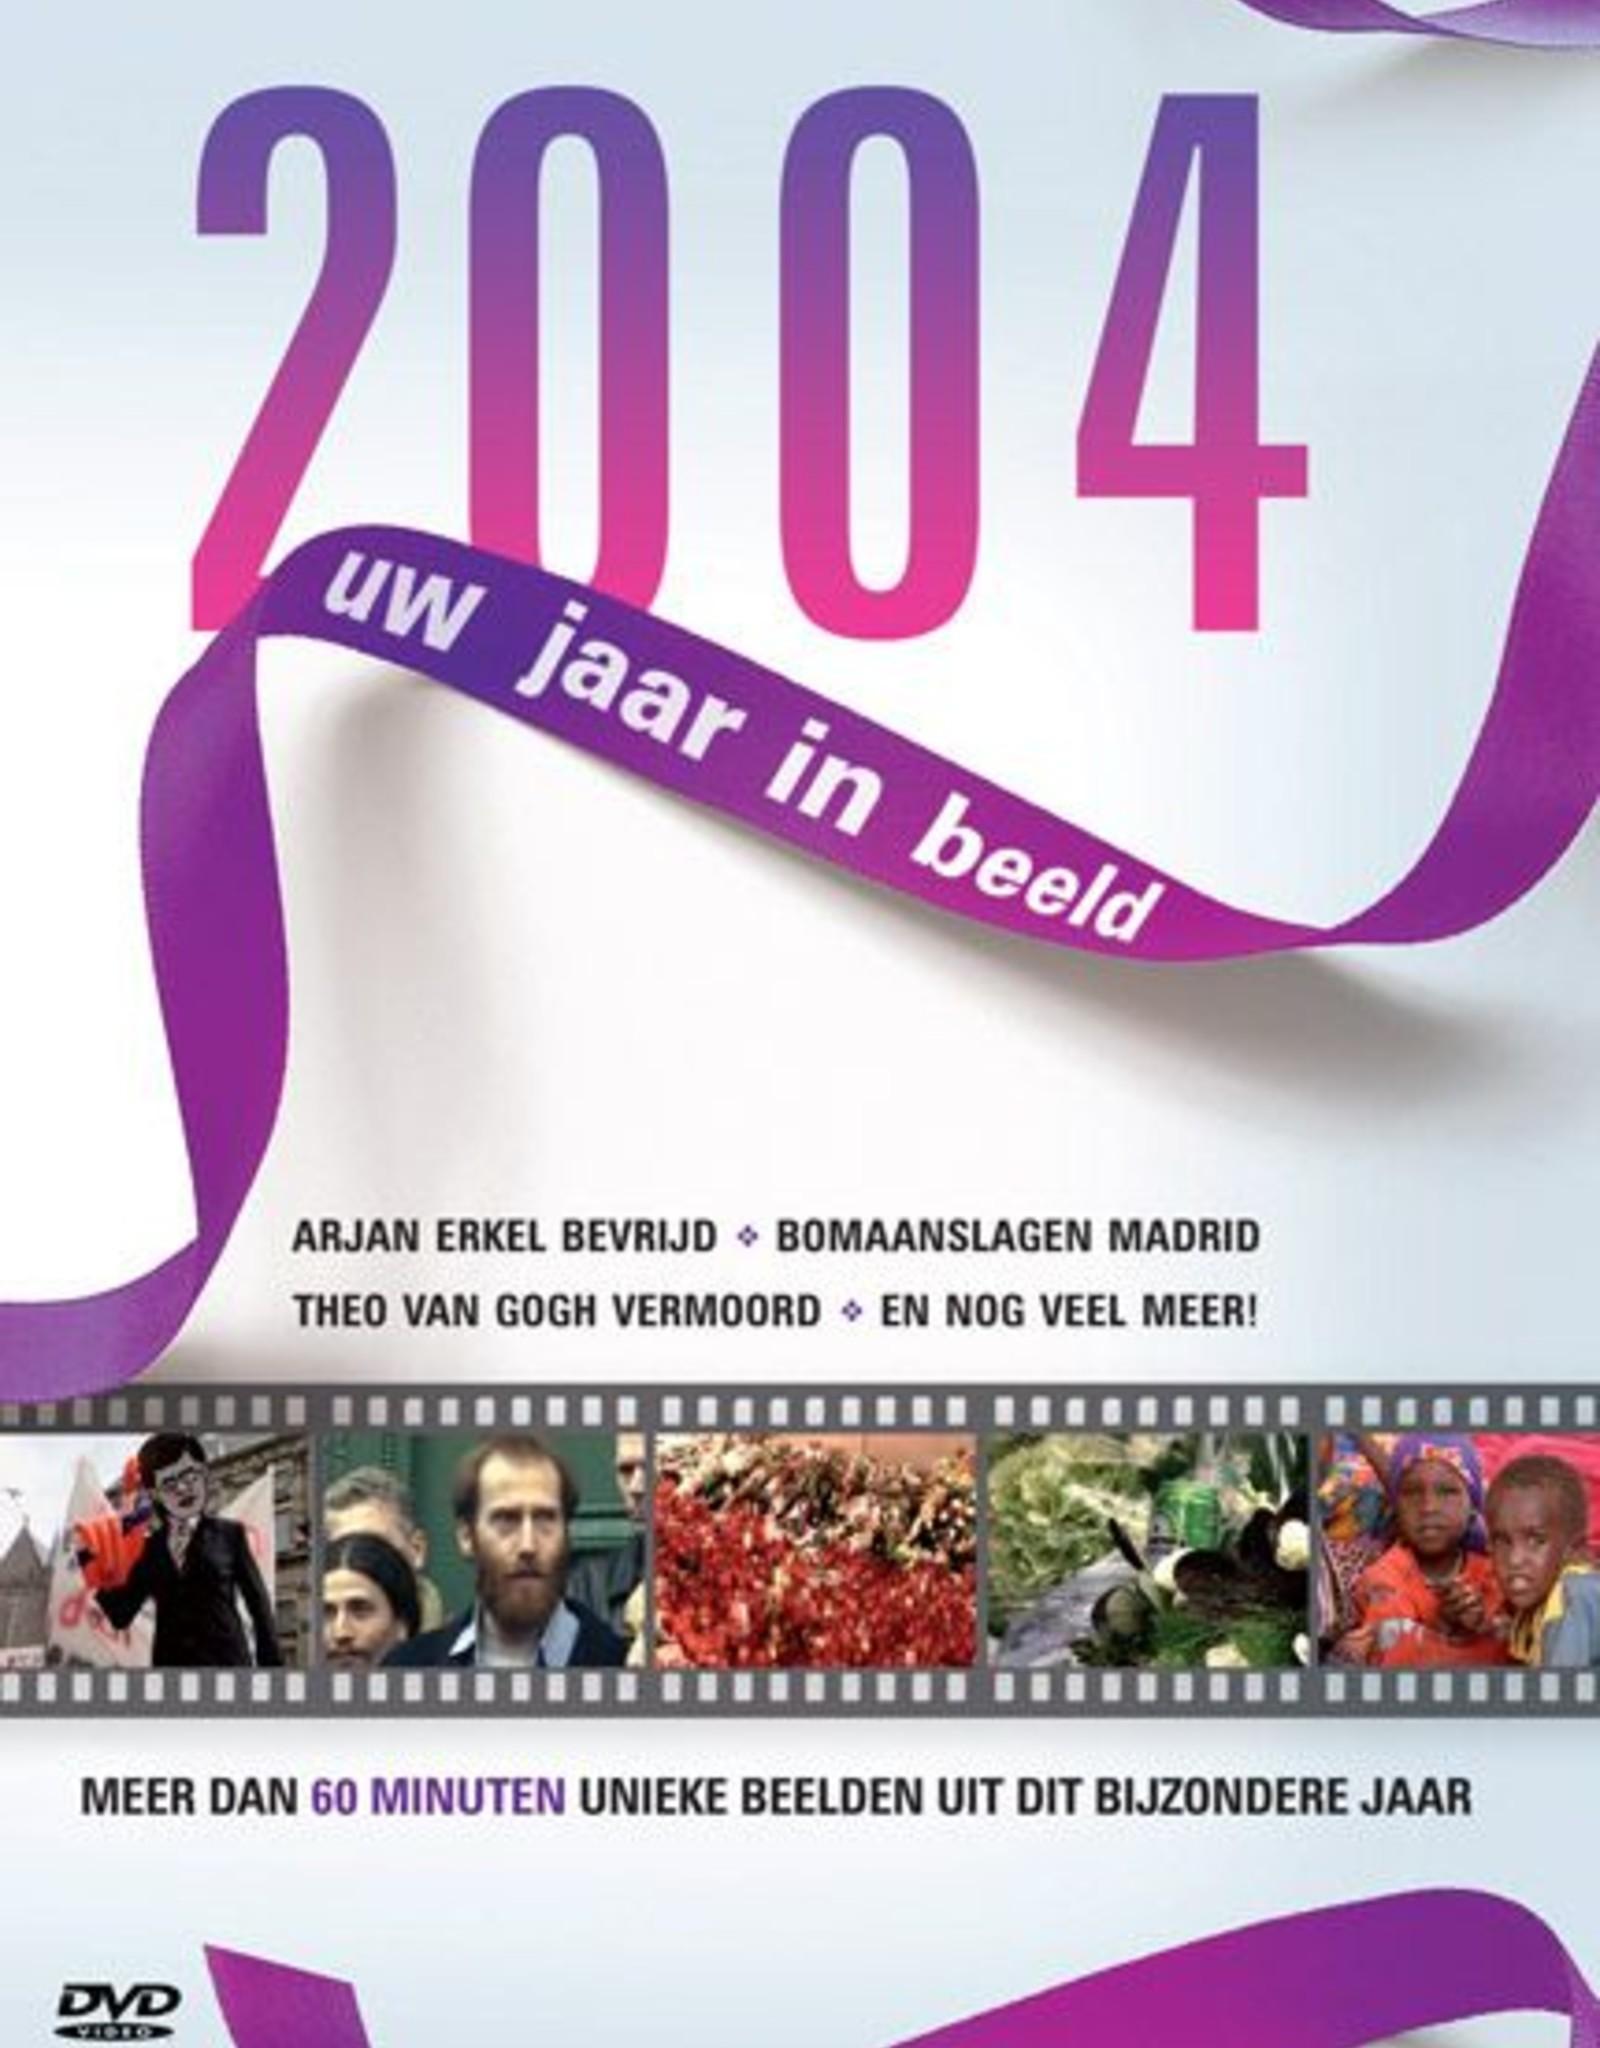 Just Entertainment Uw Jaar in Beeld 2004